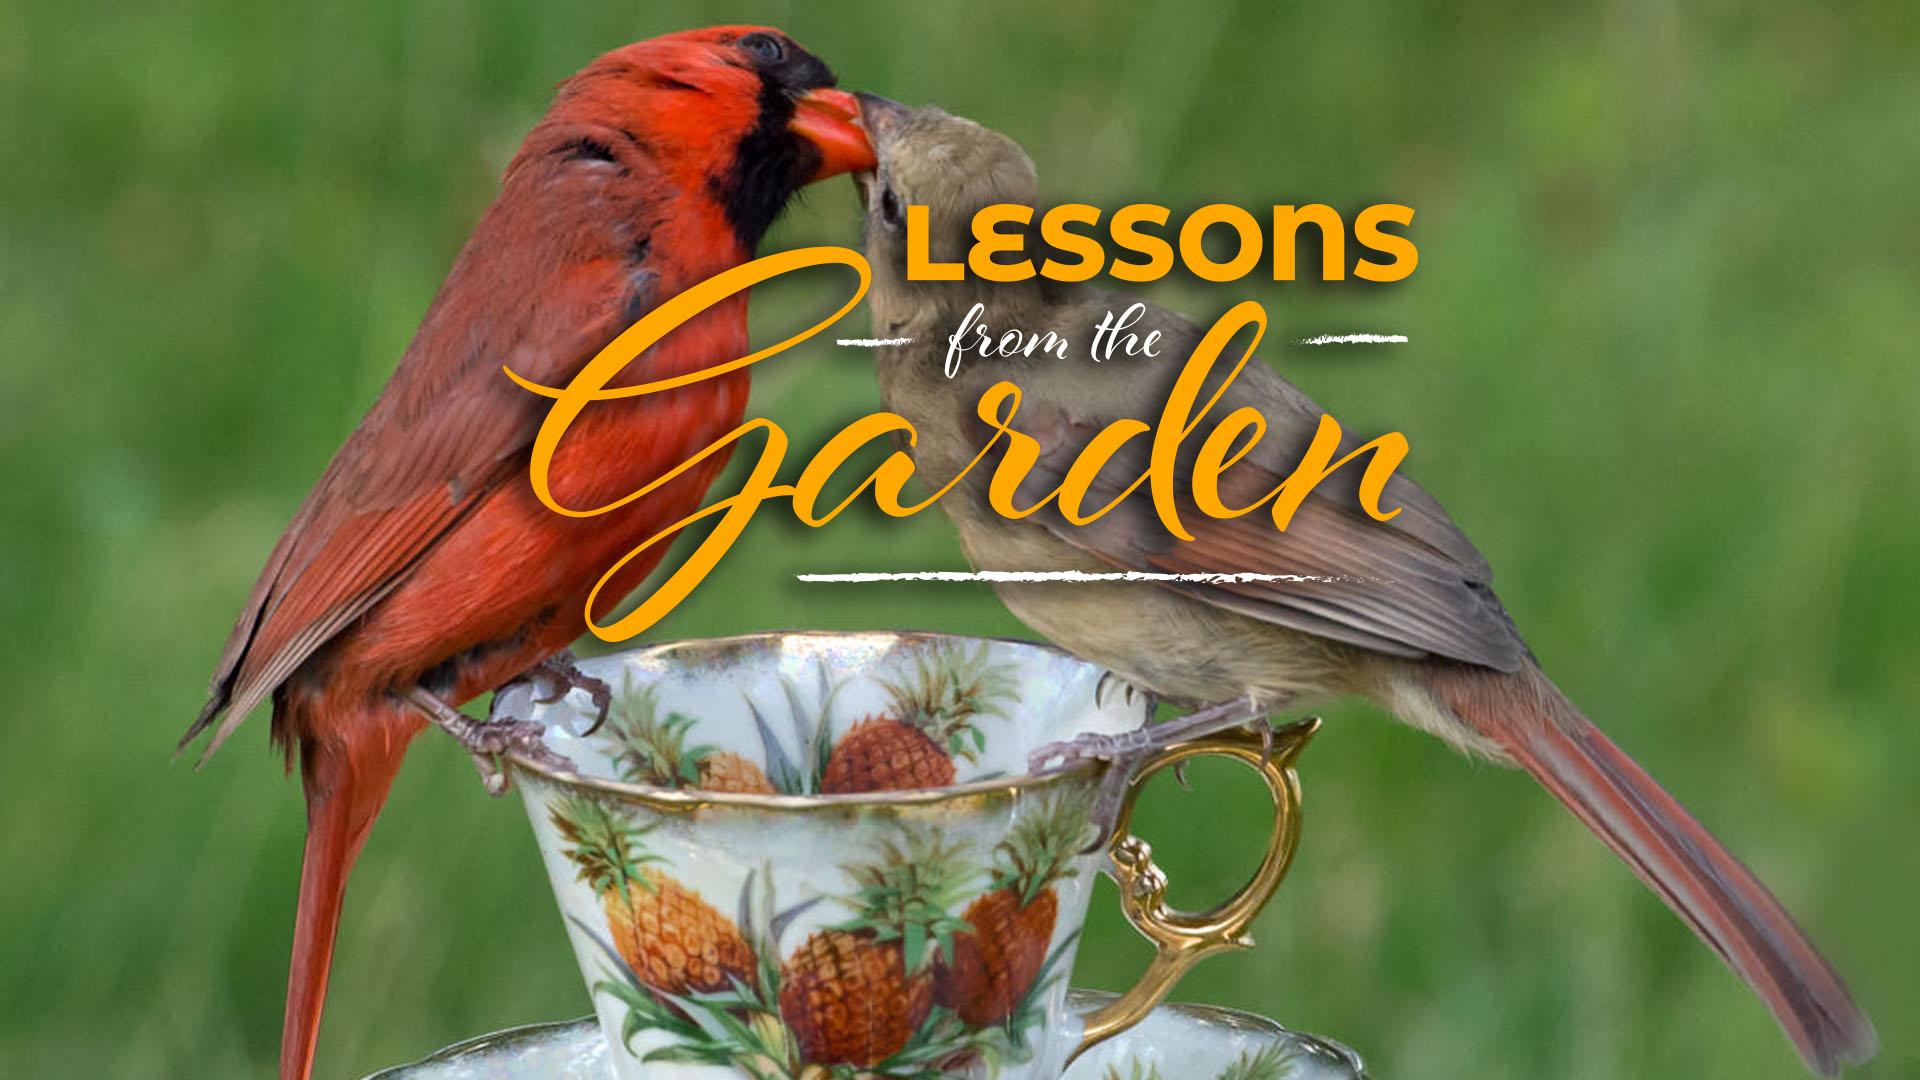 Wonders in the Garden